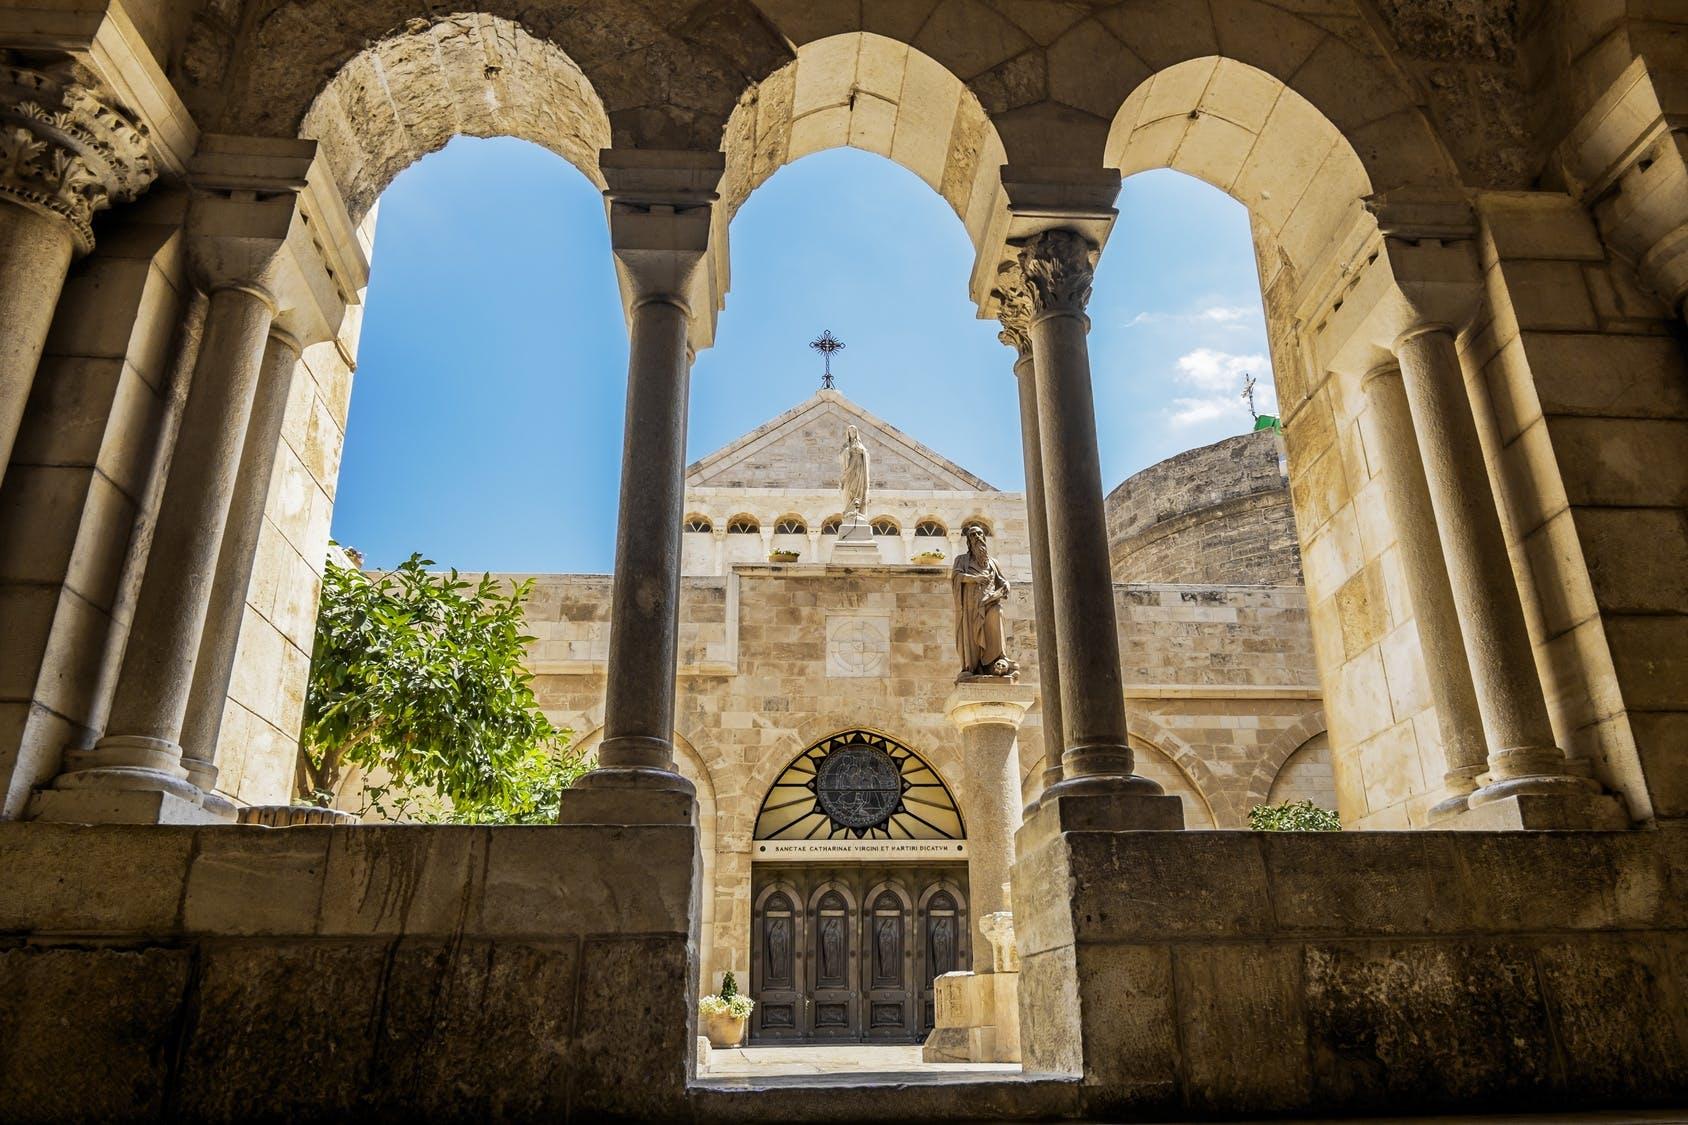 Salir de la ciudad,Excursiones de un día,Excursión a Mar Muerto,Excursión a Belén,Excursión a Jericó